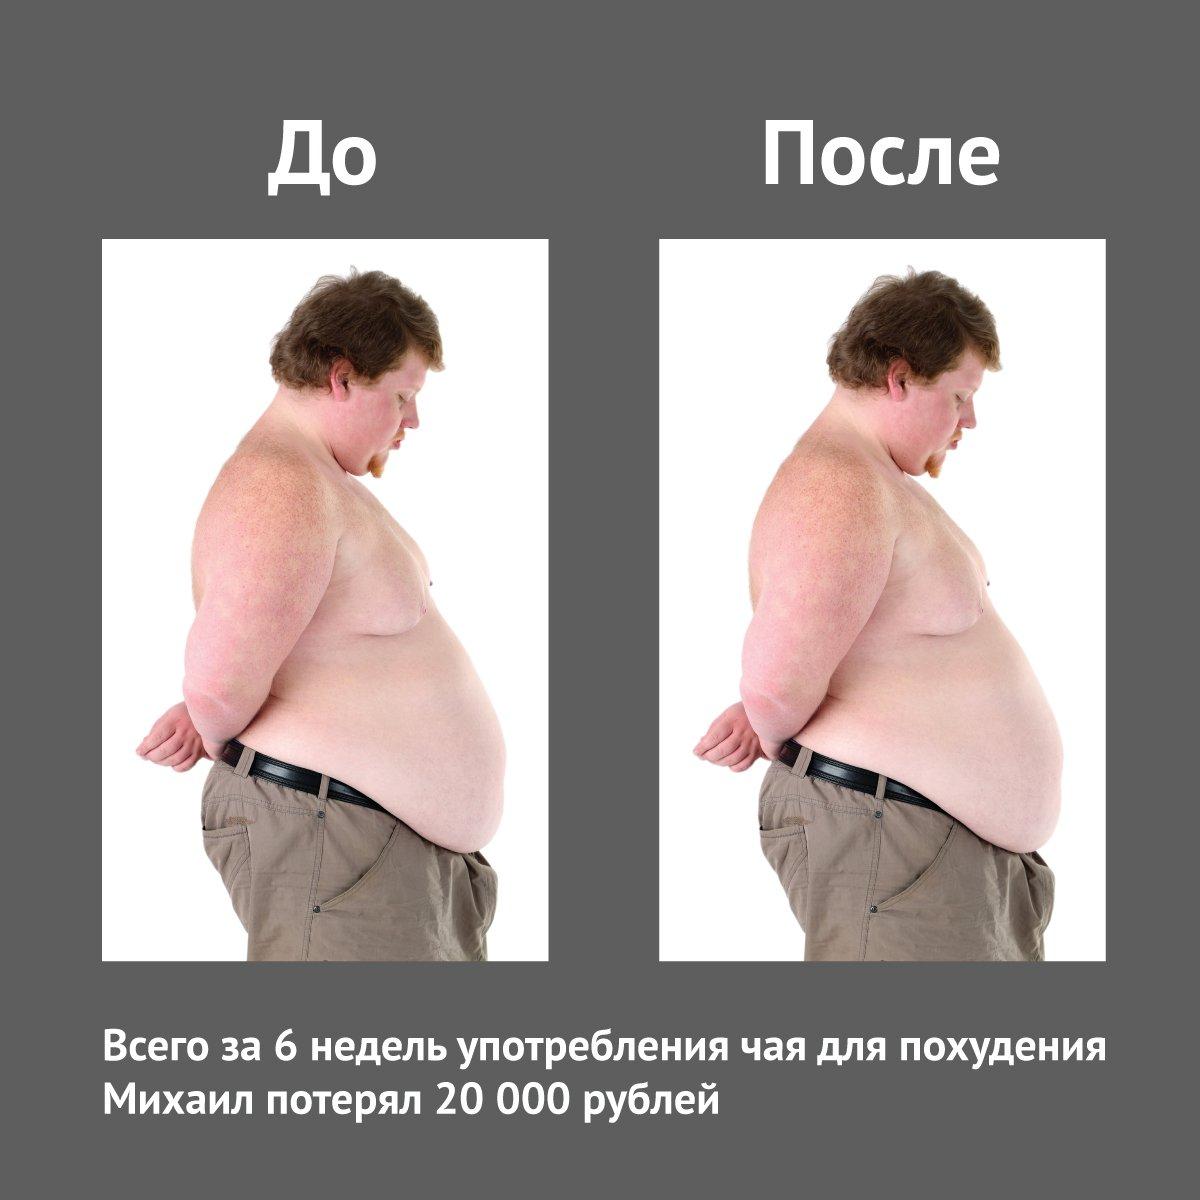 Смешные картинки похудения до и после